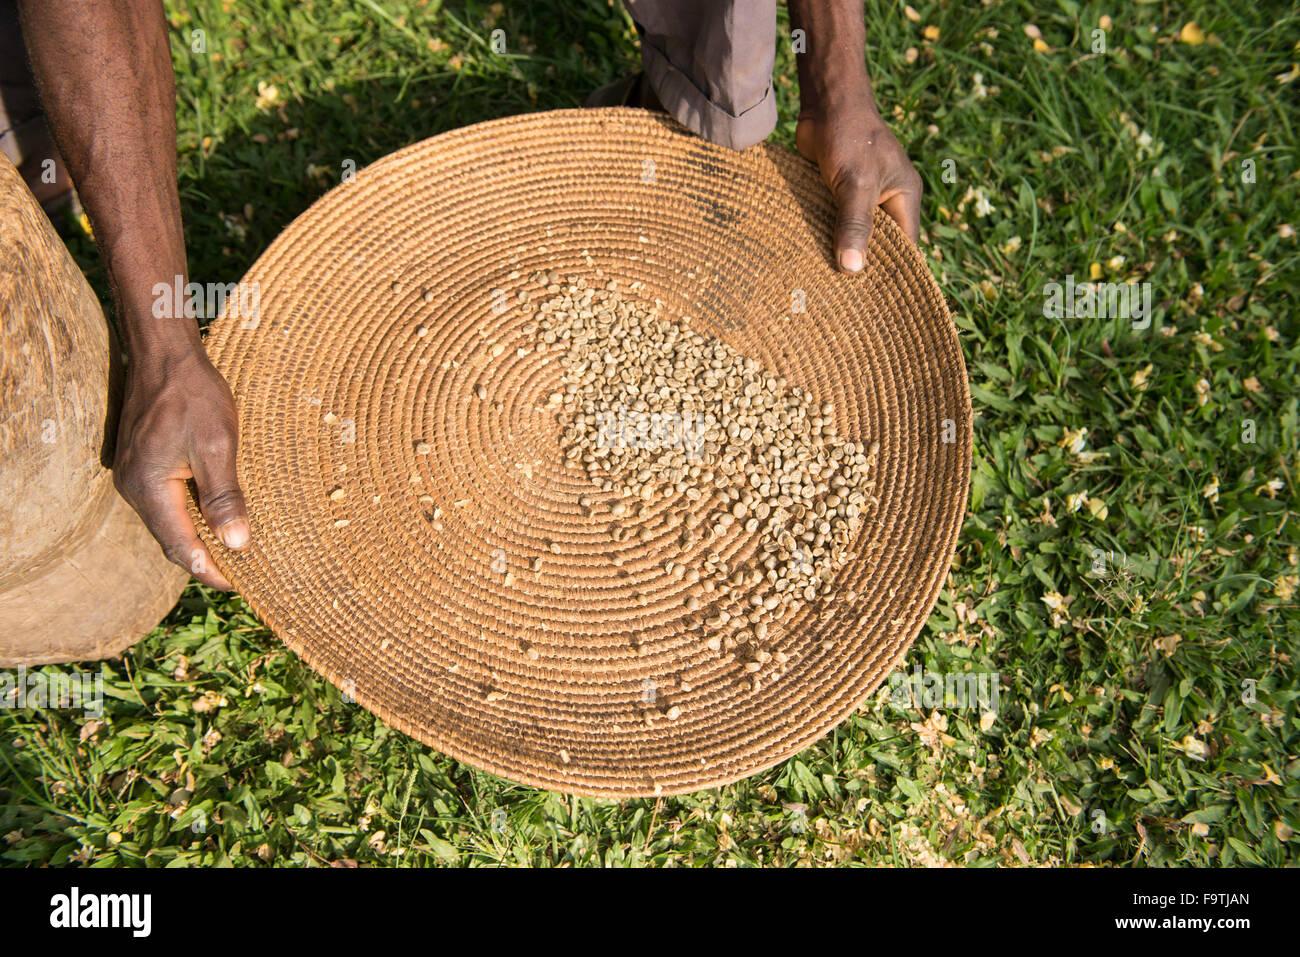 Les grains de café, la femme Omwani, coopérative de café en Ouganda Photo Stock